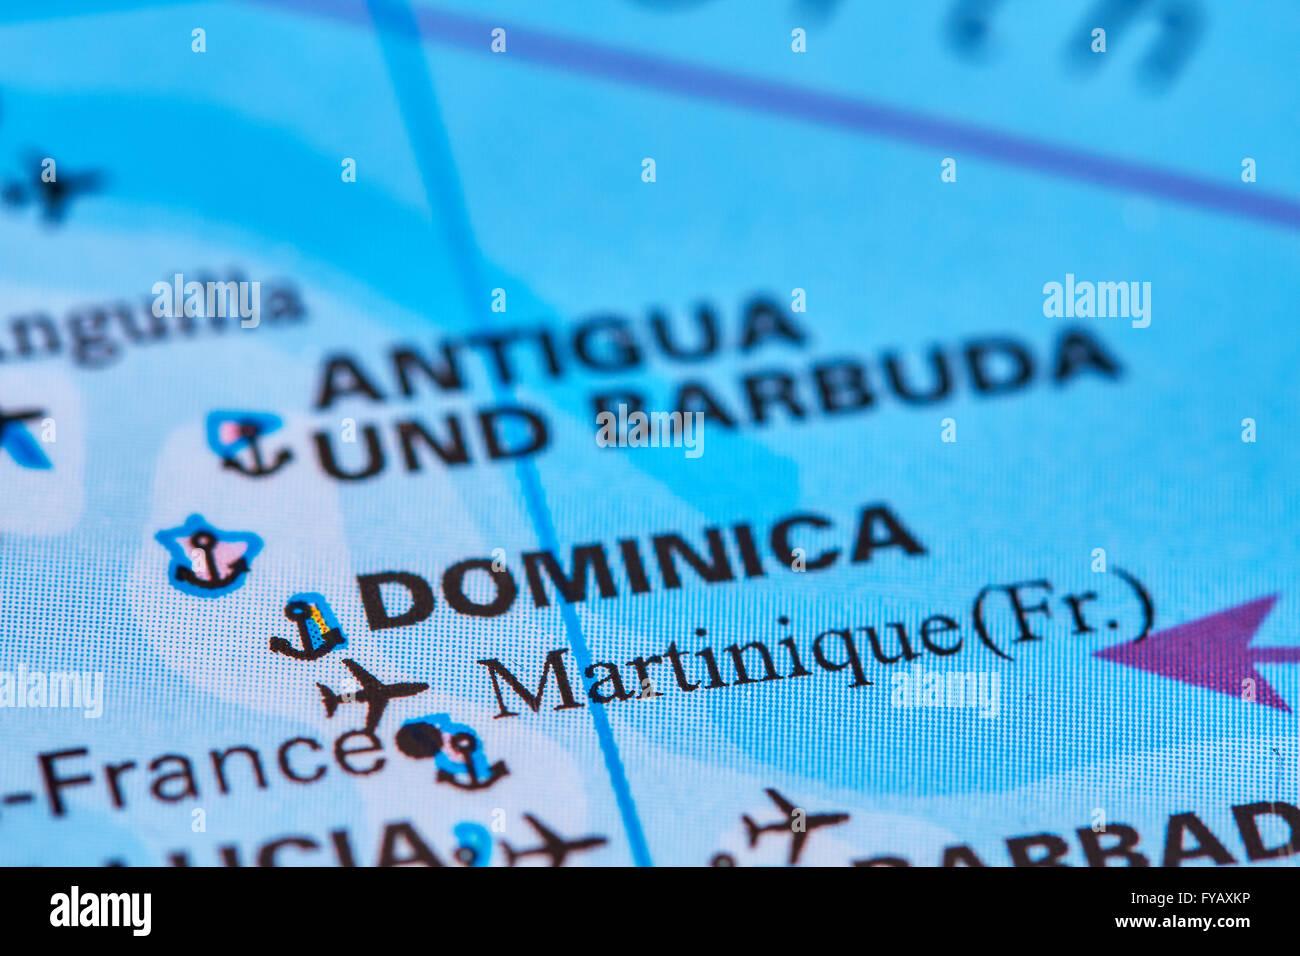 Insel Martinique In Der Karibik Auf Der Weltkarte Stockfoto Bild